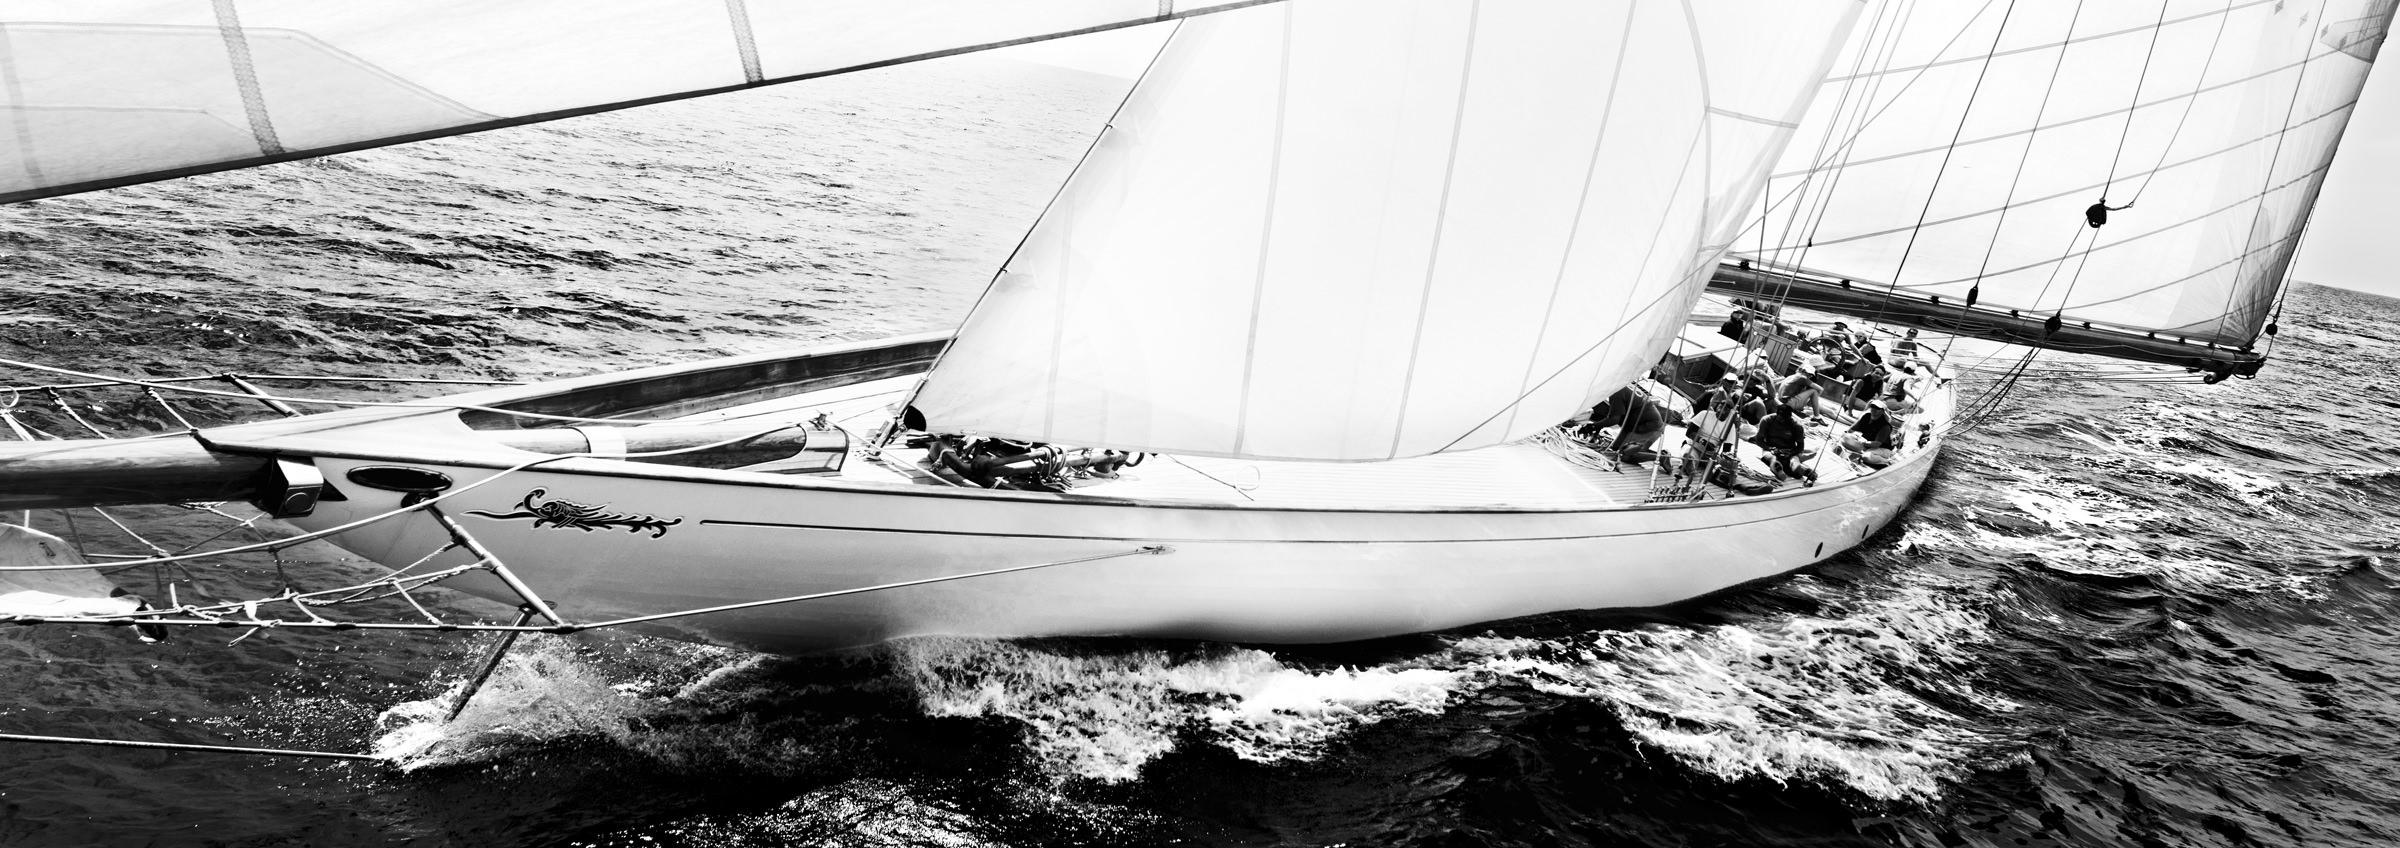 04-peter-schreiber-classicyacht1